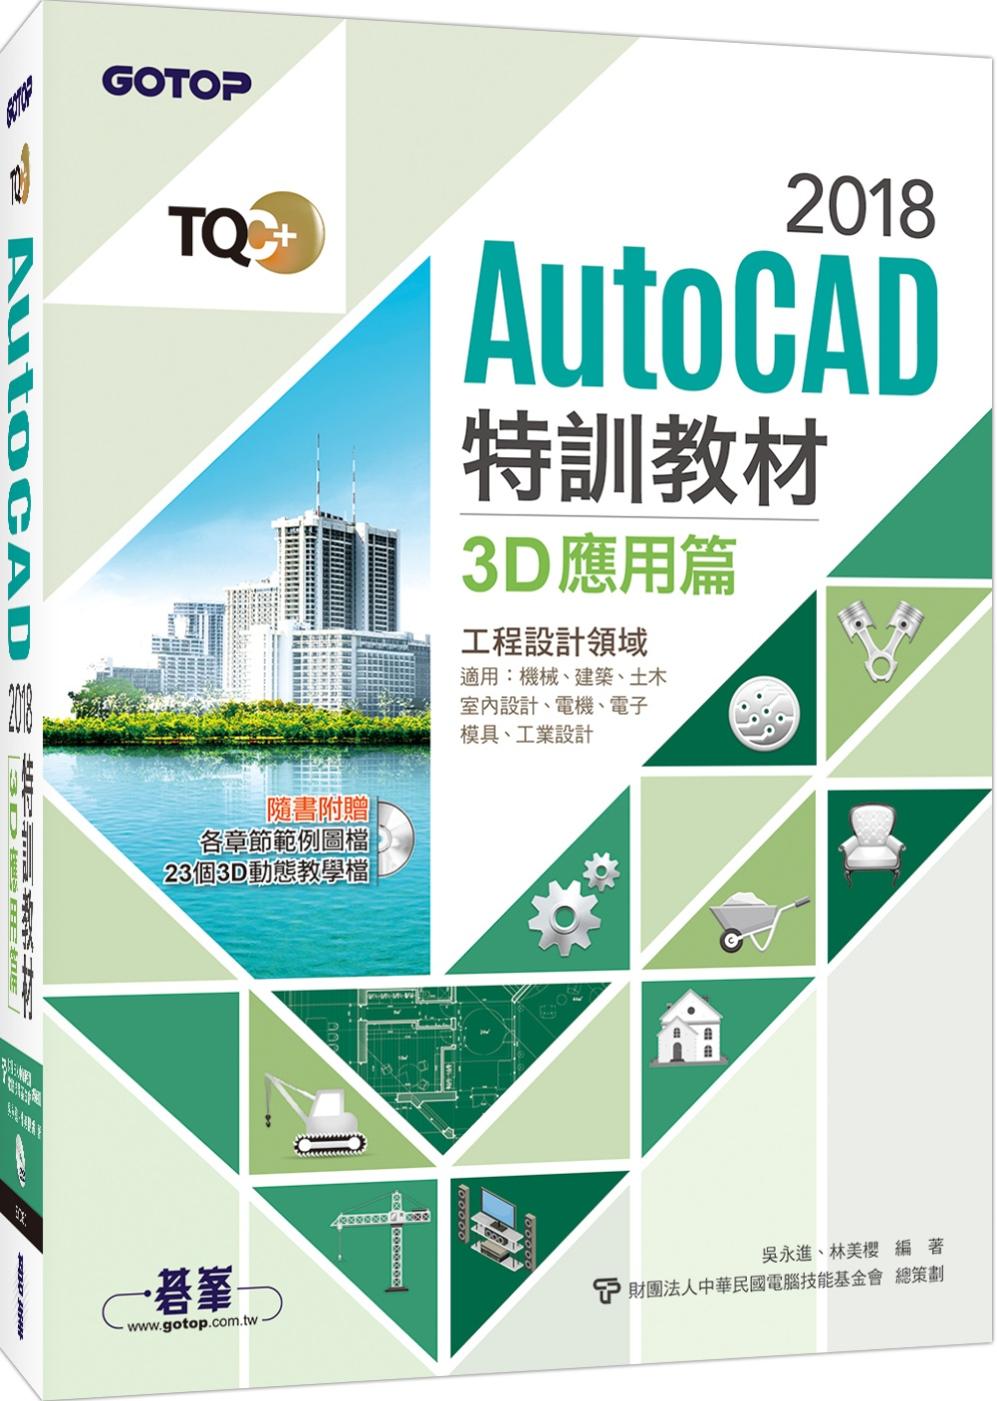 ◤博客來BOOKS◢ 暢銷書榜《推薦》TQC+ AutoCAD 2018特訓教材:3D應用篇(隨書附贈23個精彩3D動態教學檔)